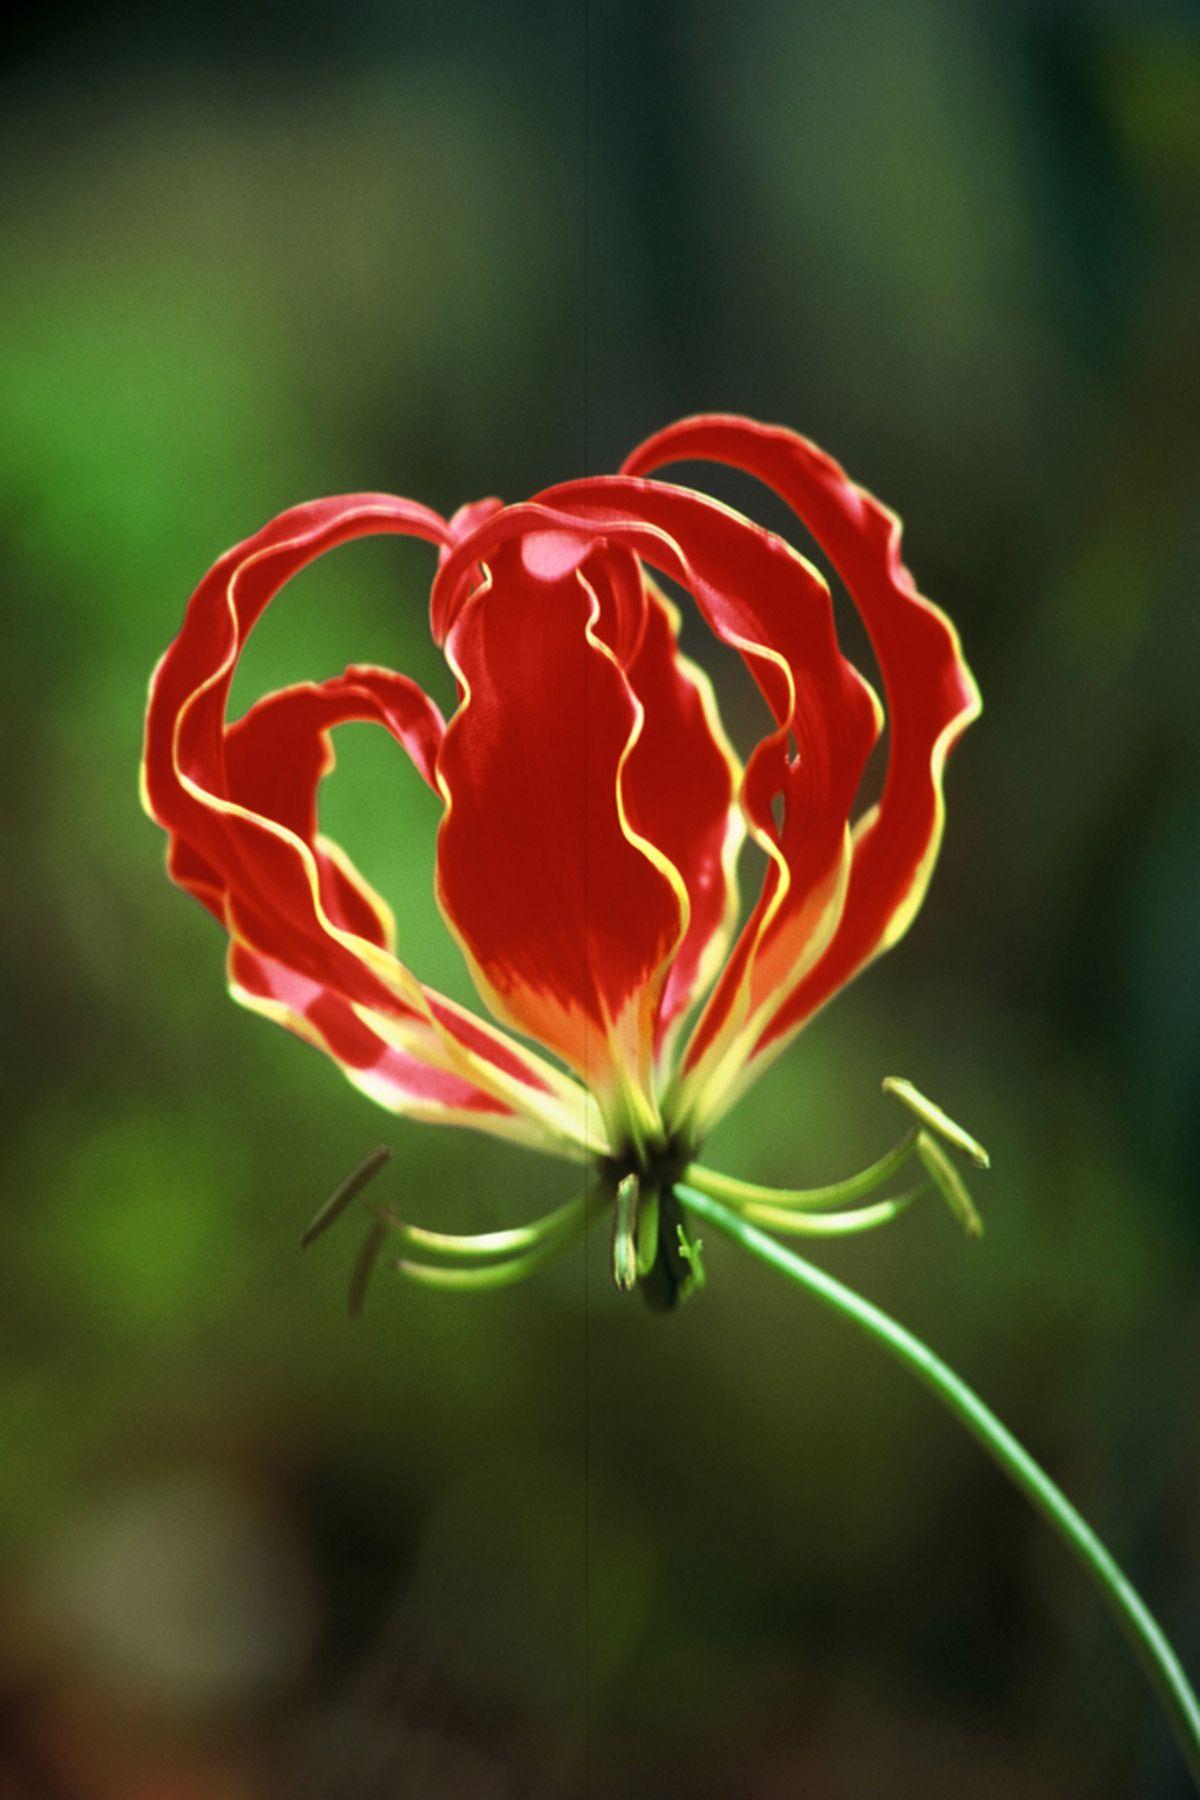 Flame lilly gloriosa superba the national flower of rhodesia flame lilly gloriosa superba the national flower of rhodesia now zimbabwe no attribution apologies to the photographer izmirmasajfo